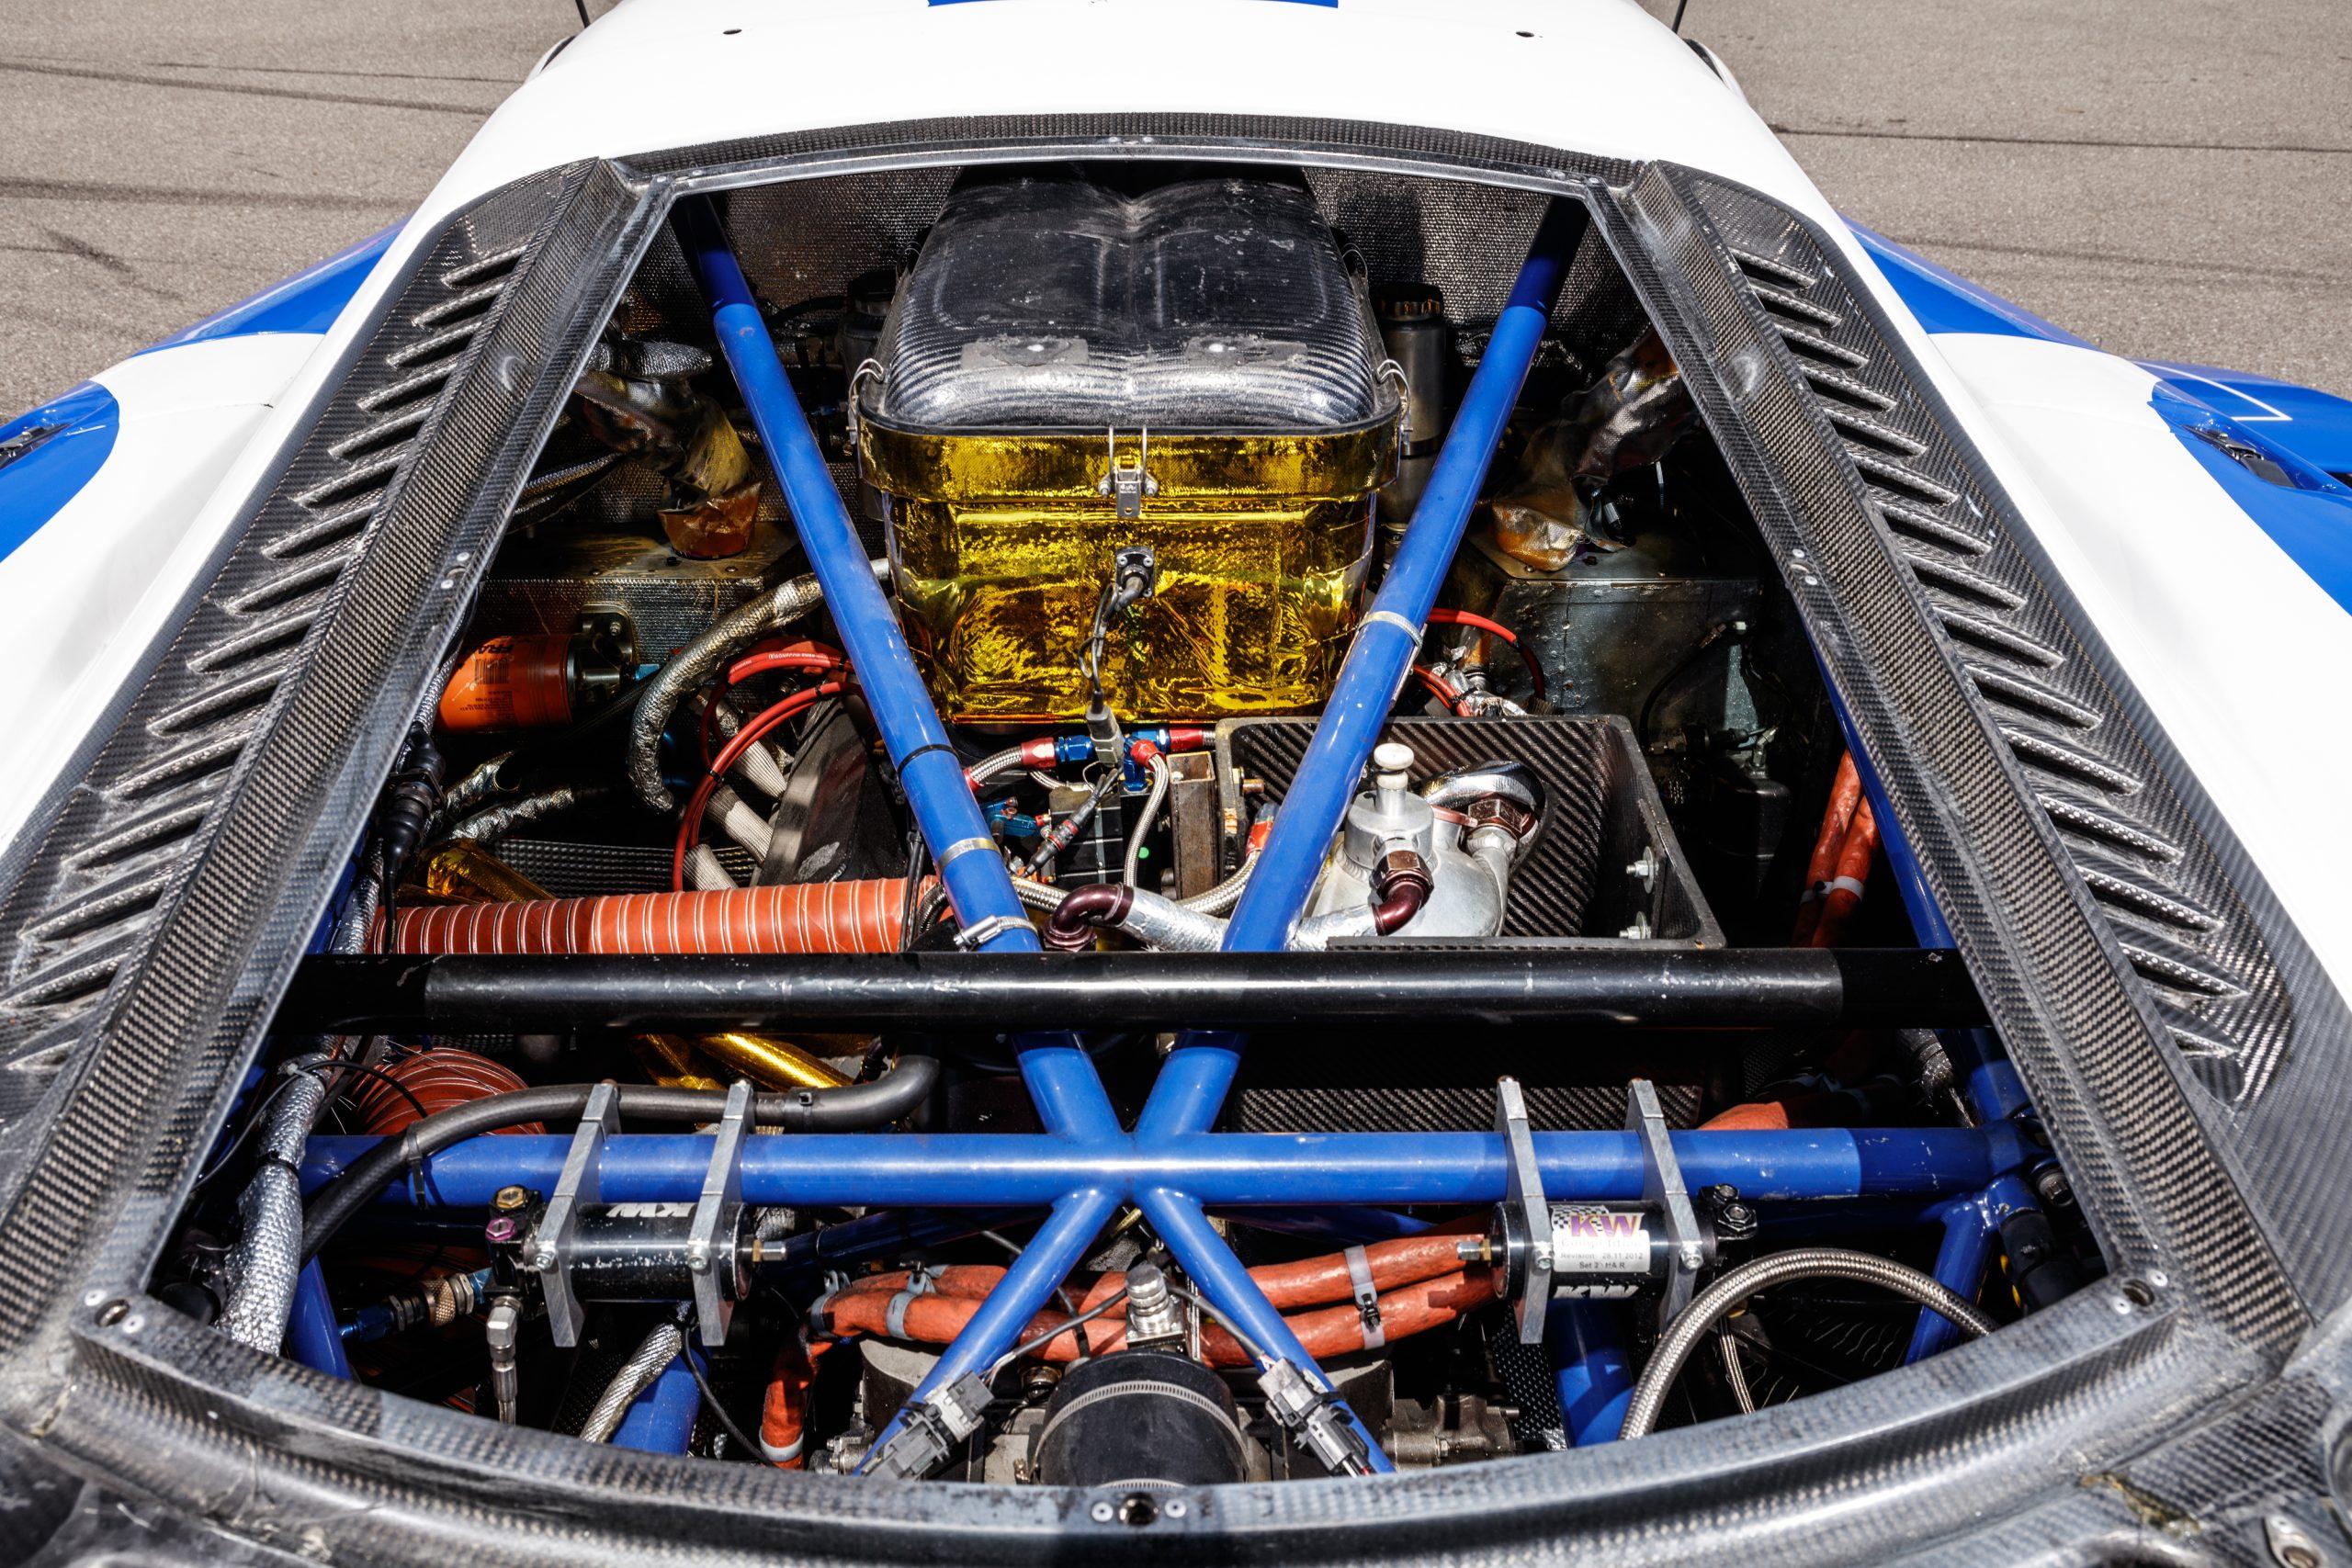 2005-Saleen-S7R engine bay